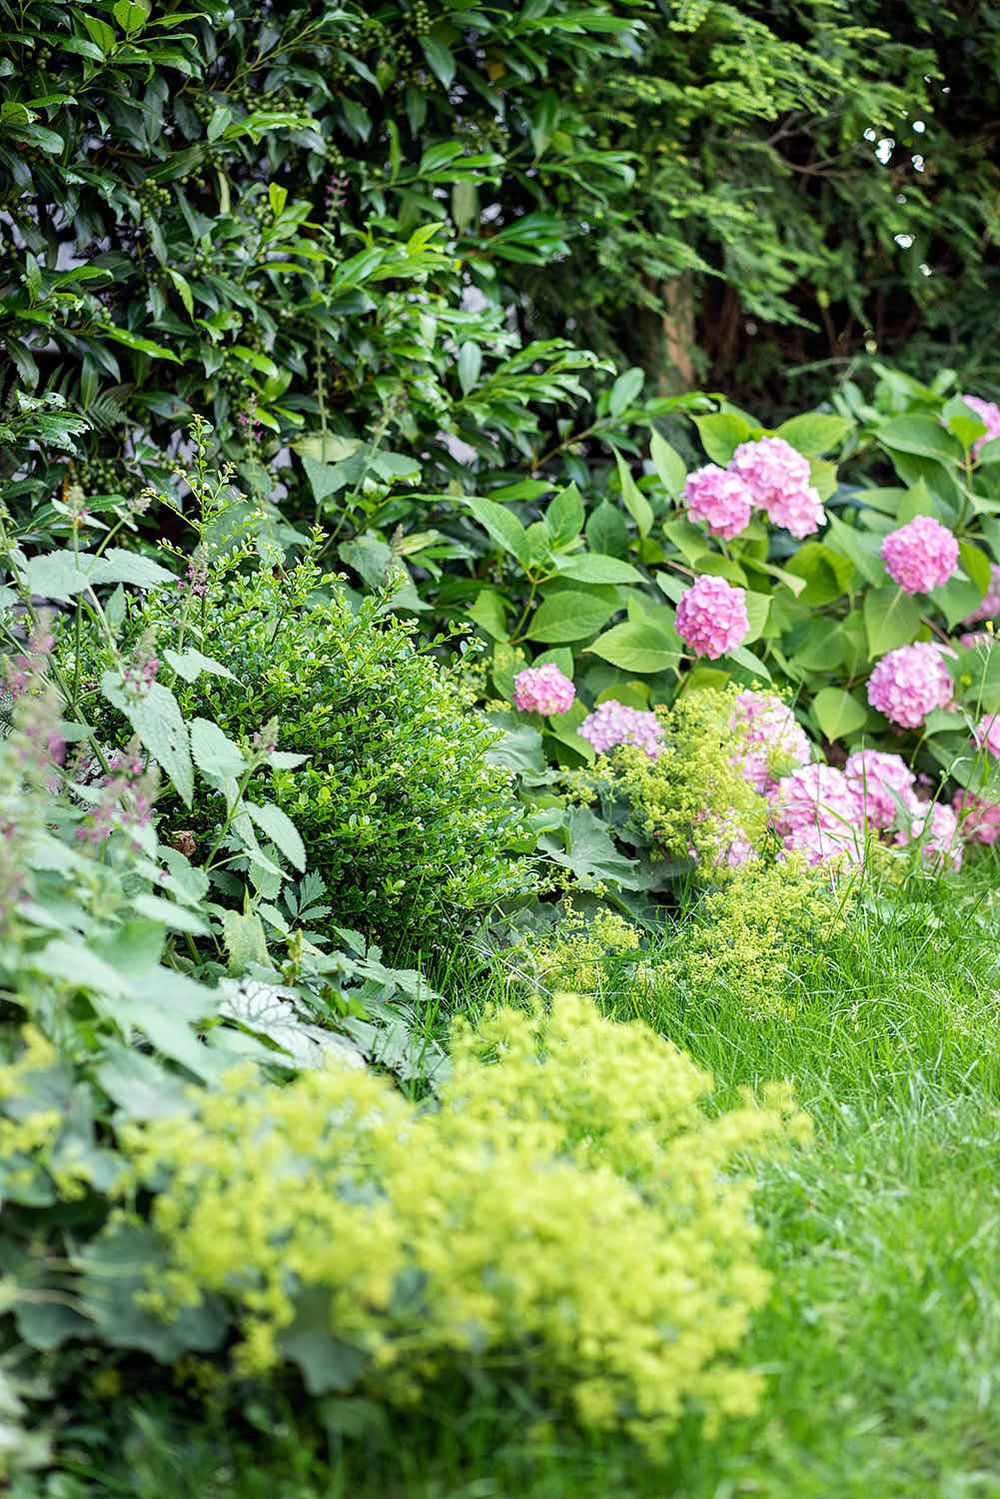 Epp-Gartenbau-Pflanzen-Pflege-82.jpg